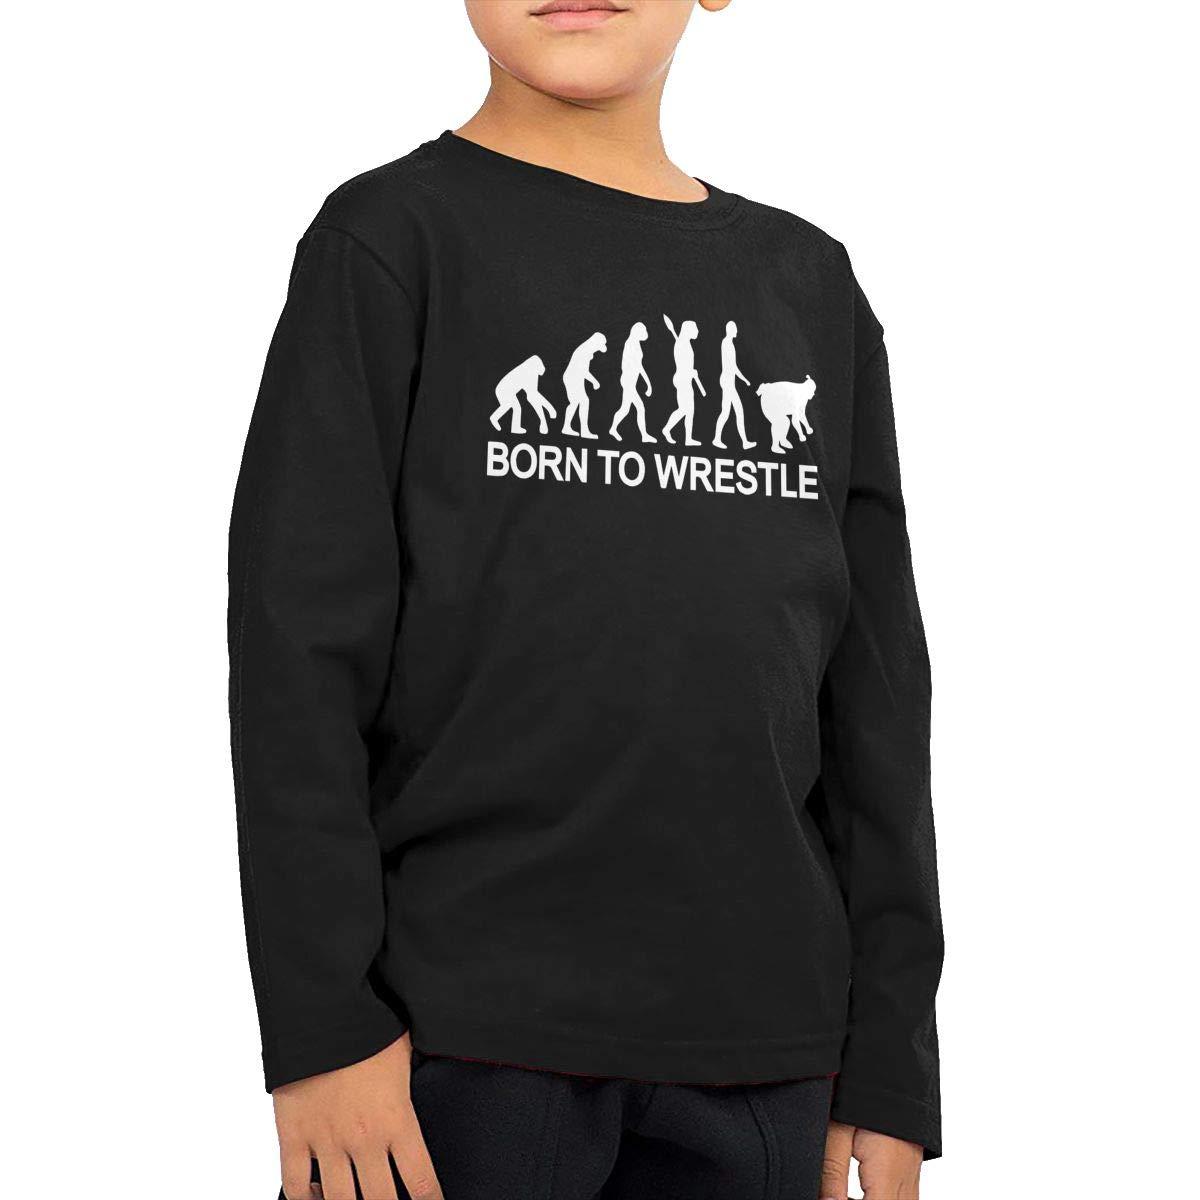 Wrestling Evolution Novelty Toddler Children Baby Boys Girls Long Sleeve Tee Top/&Tee